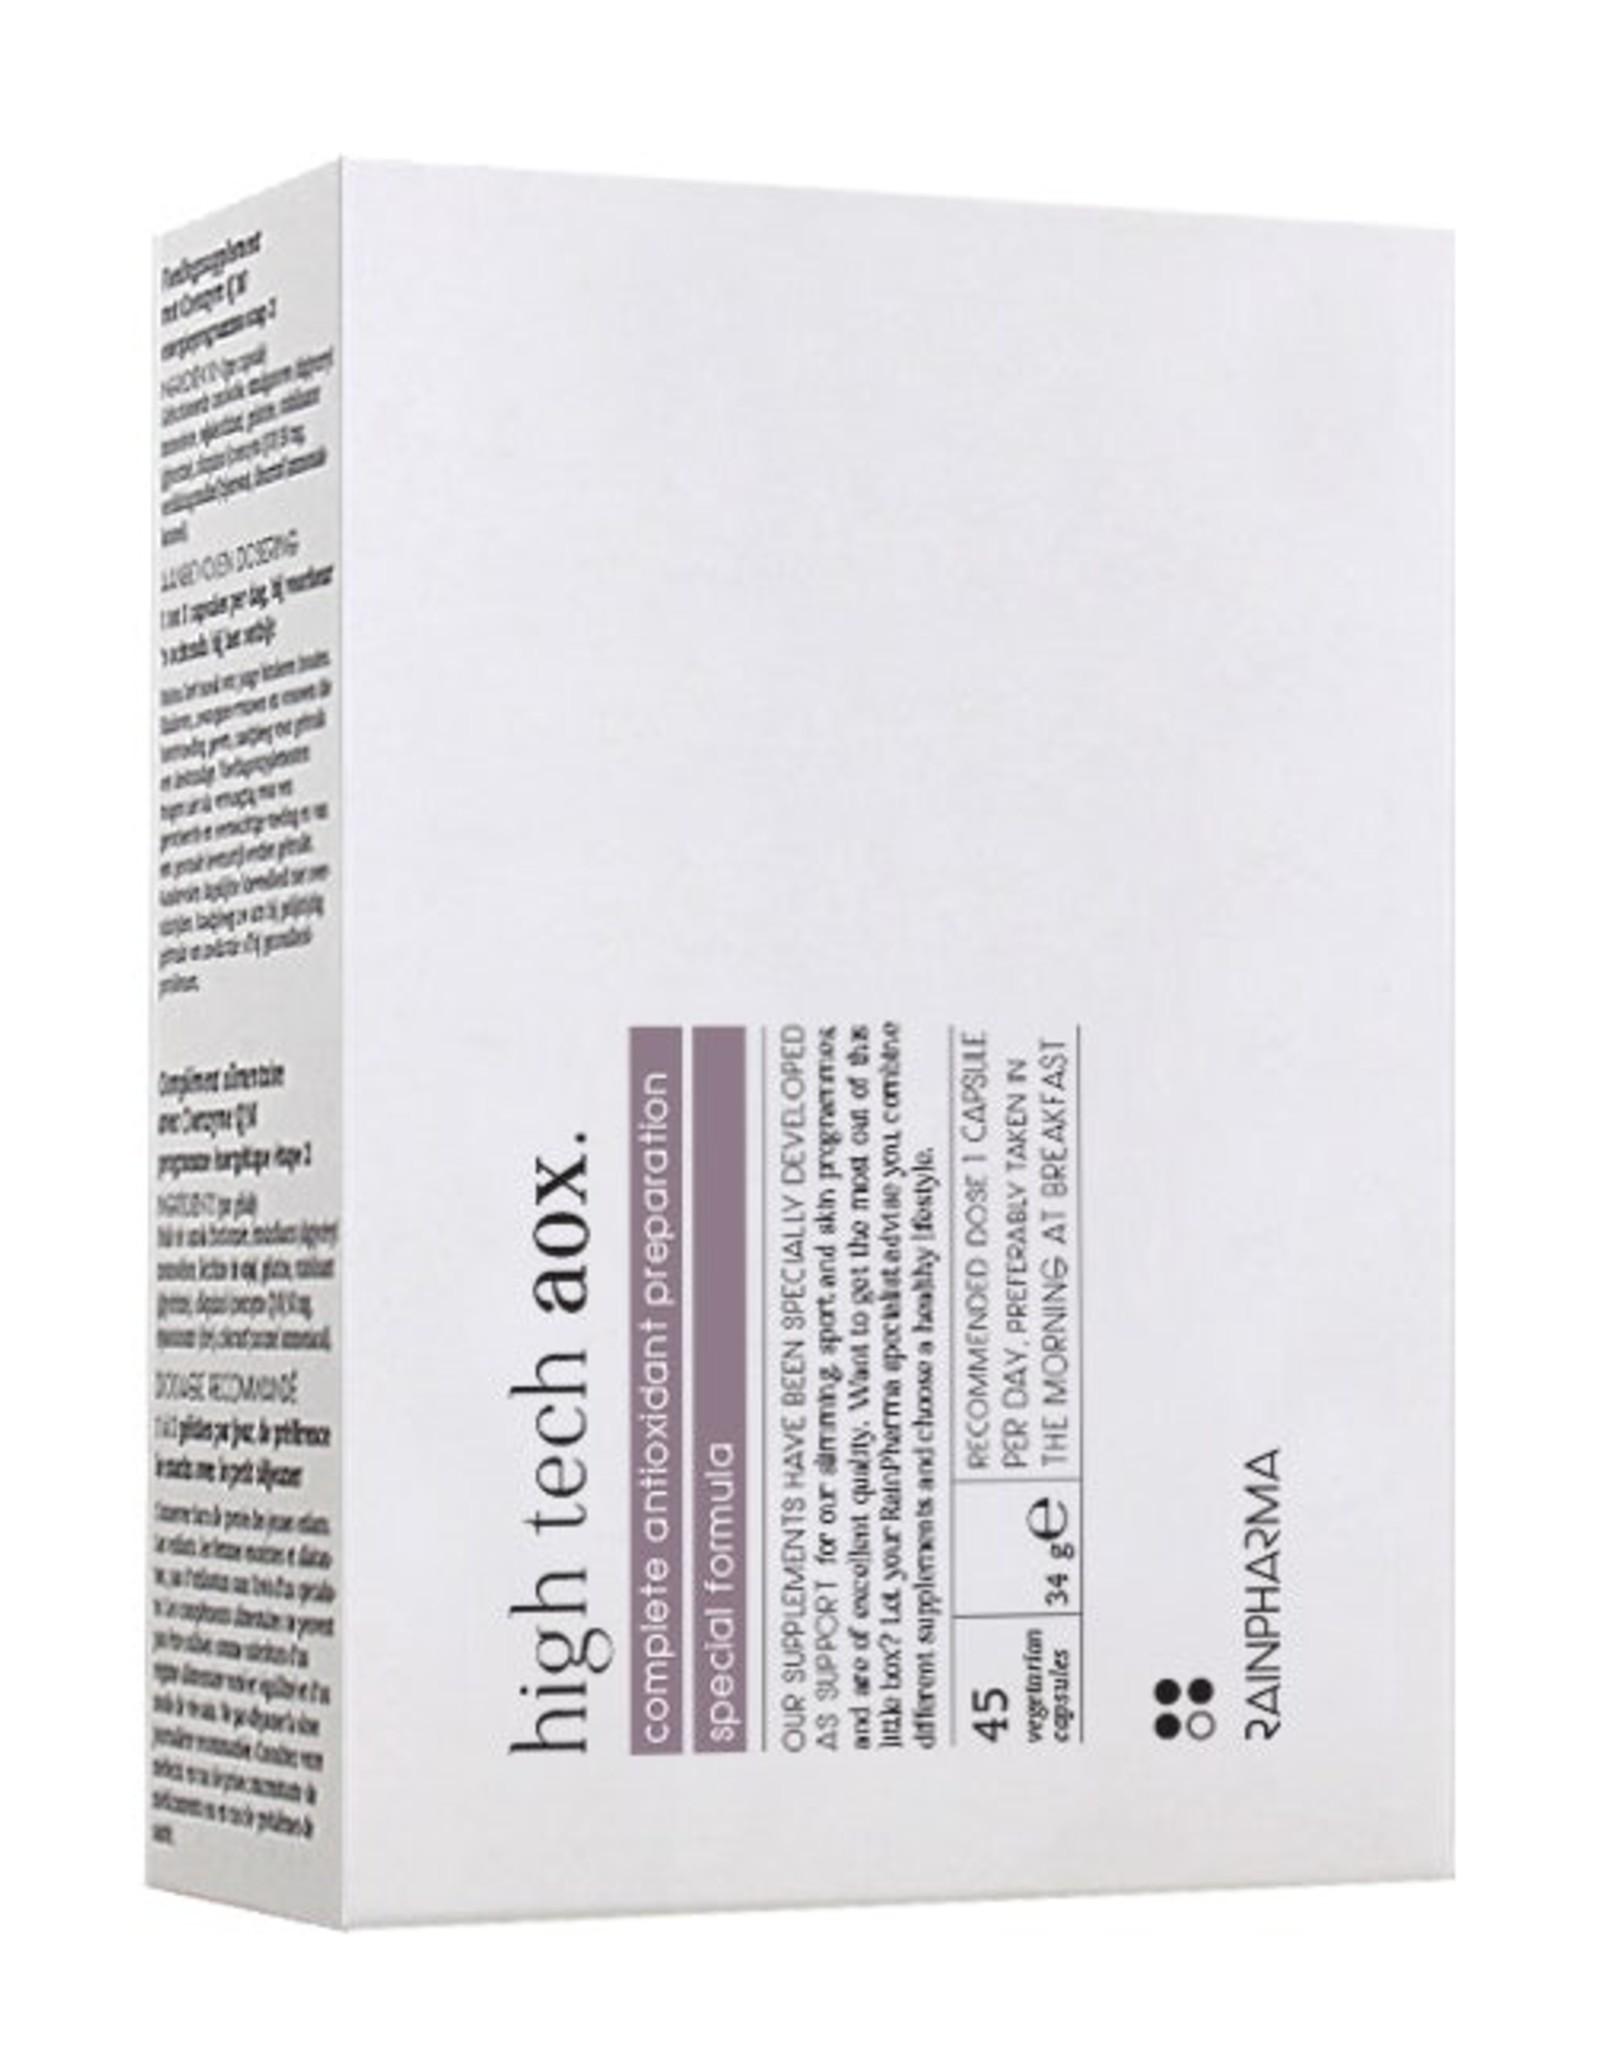 RainPharma High Tech AOX 45 caps - Rainpharma